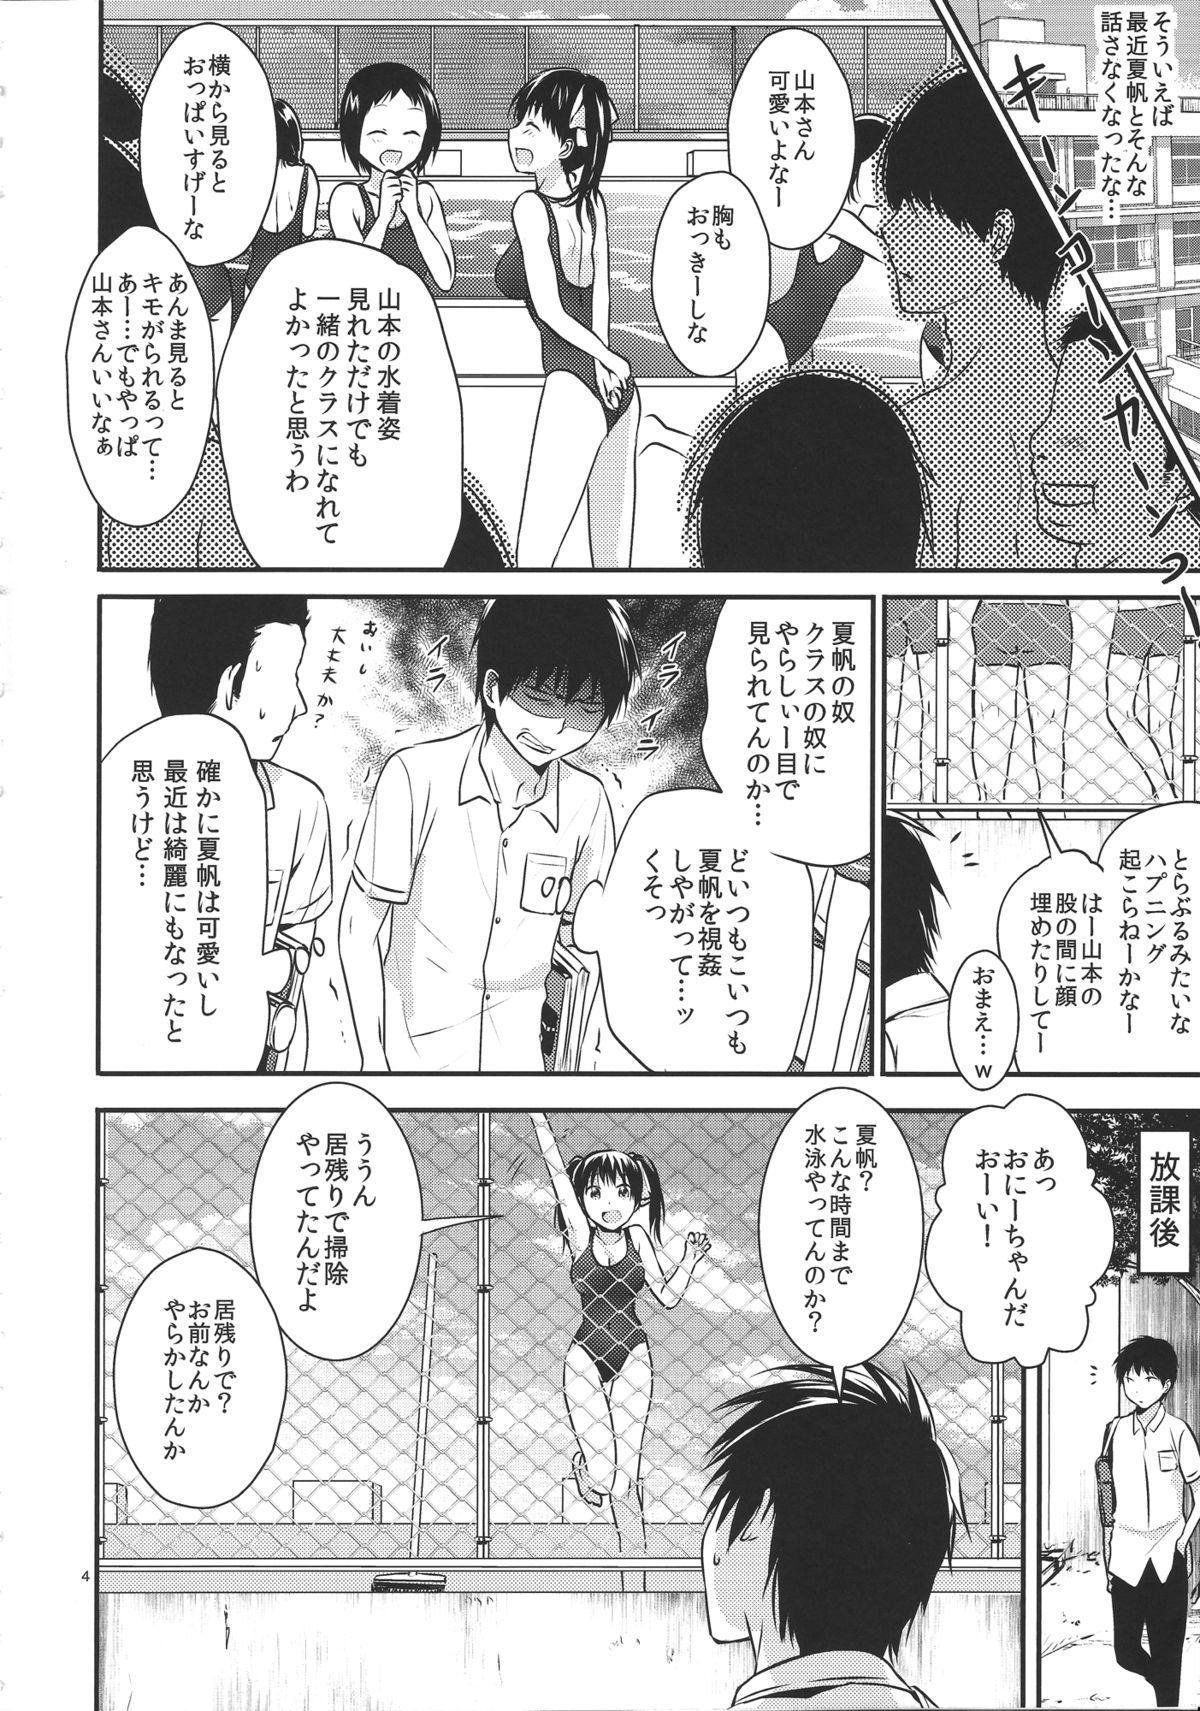 Oniichan no koto daisuki dakara sukumizu de nousatsu shite mo iiyo nee 2